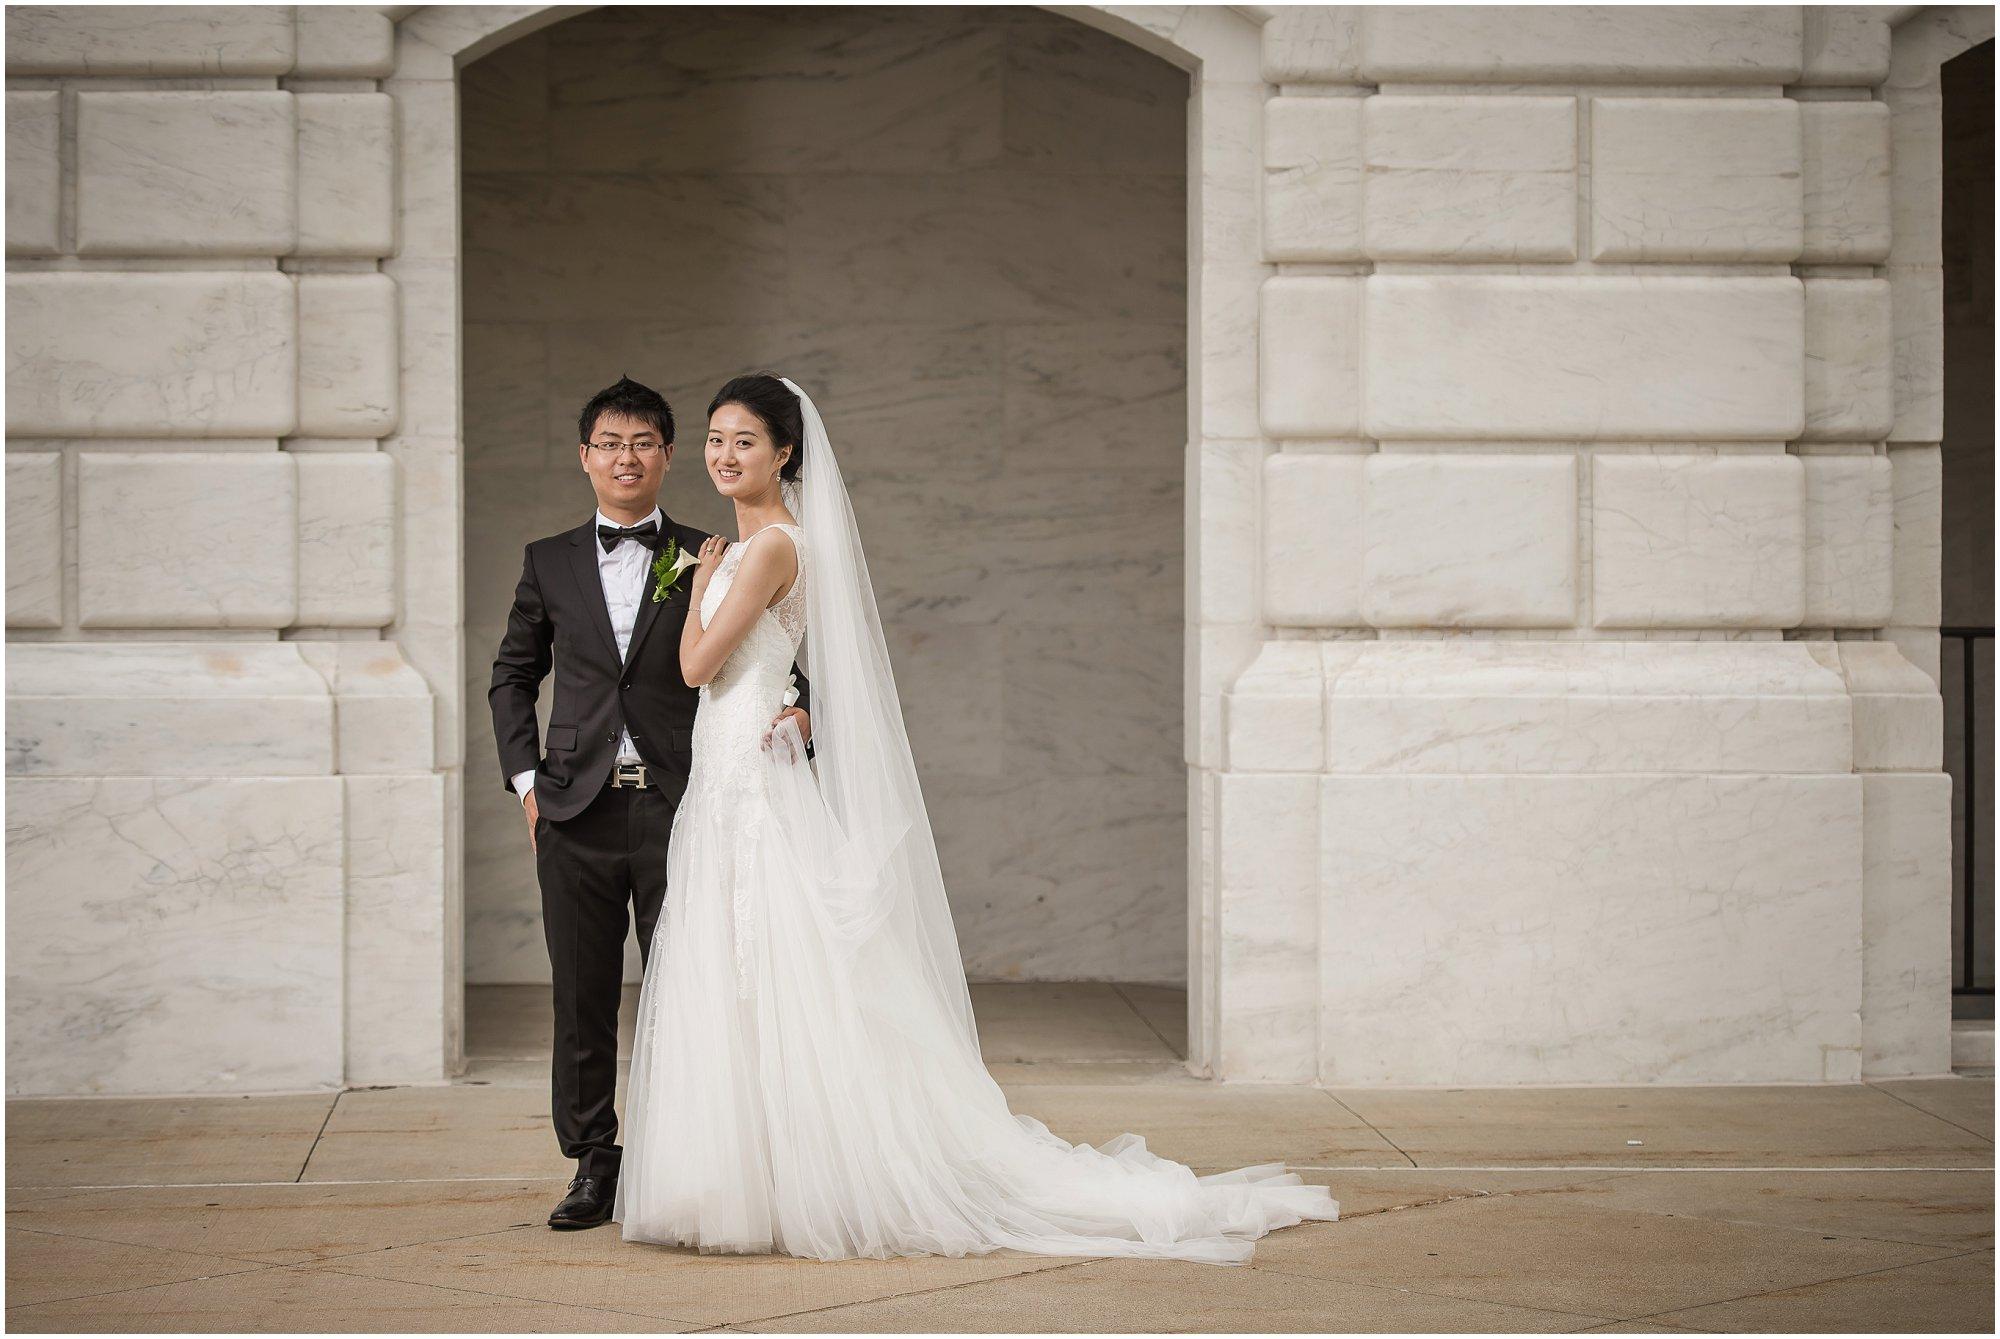 University-of-michigan-museum-of-art-wedding_1353.jpg